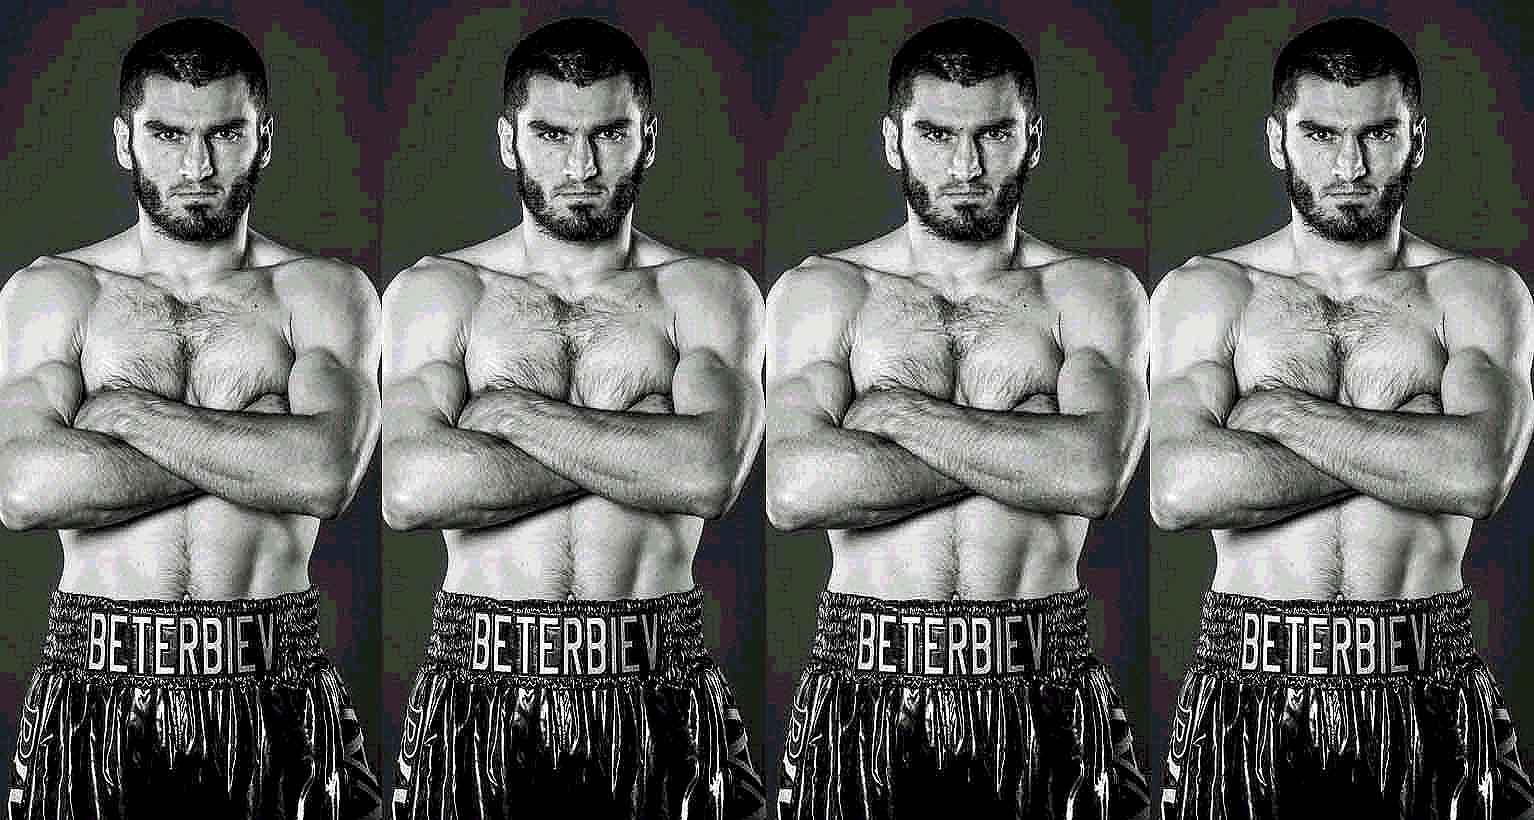 Artur Beterbiev Returns to the Ring in December